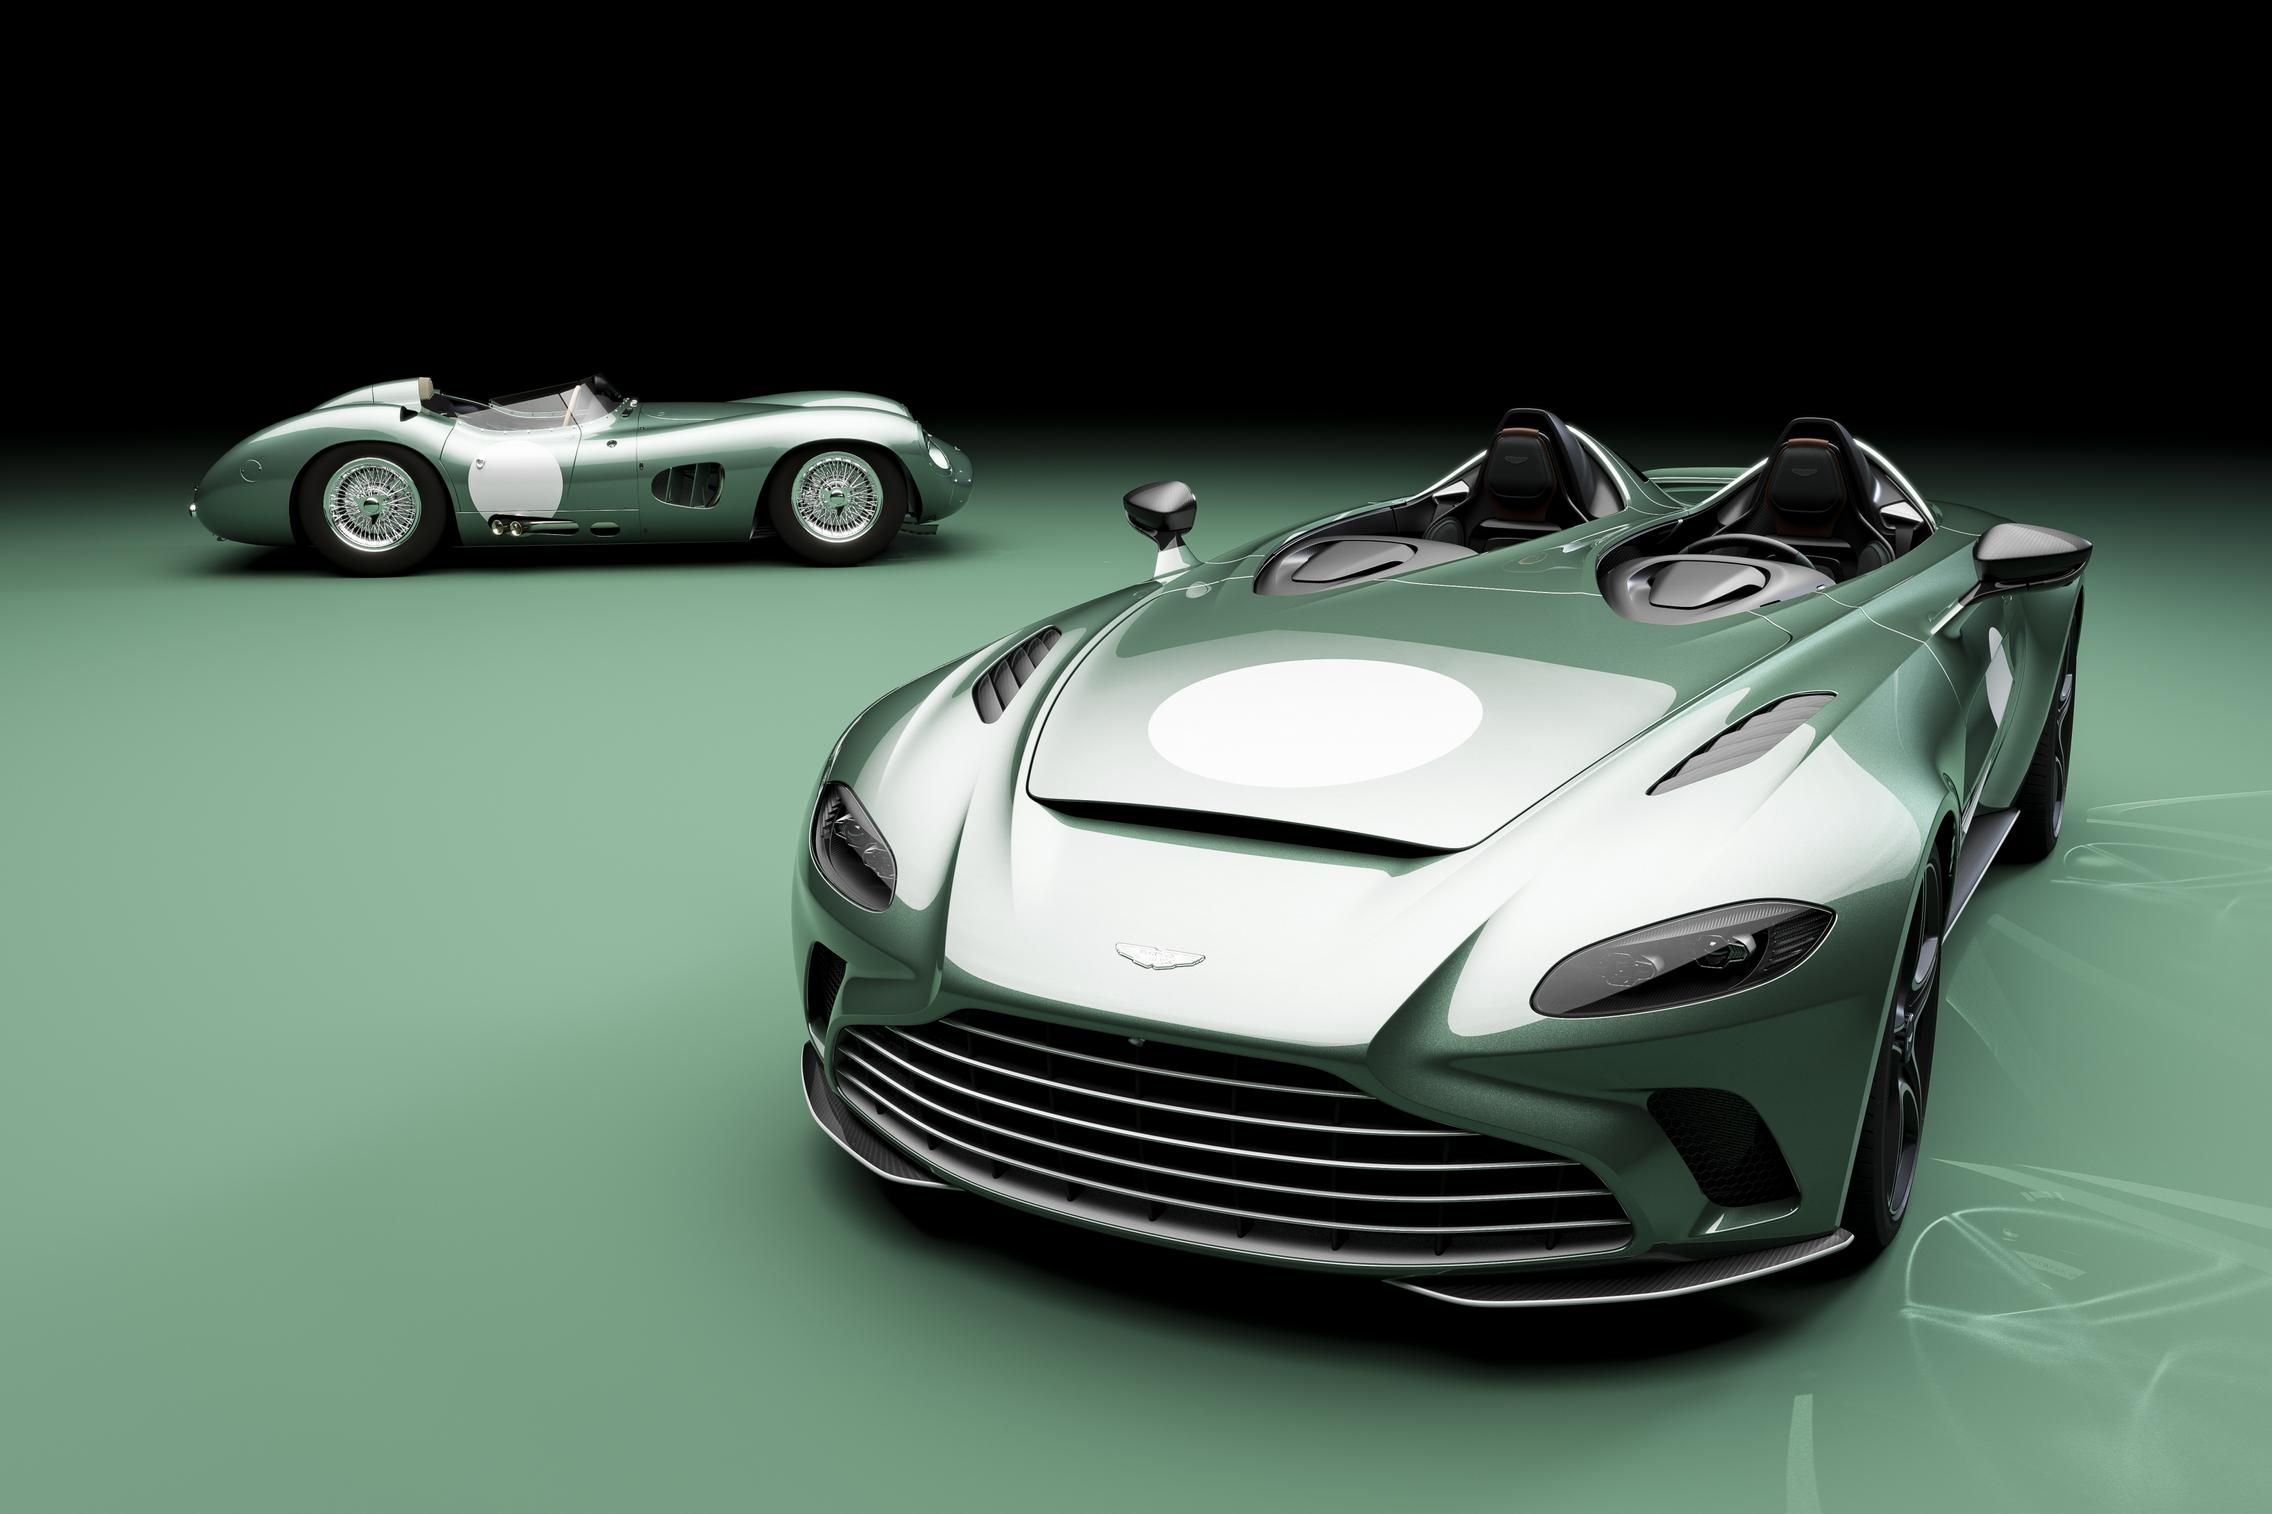 2021 Aston Martin V12 Speedster